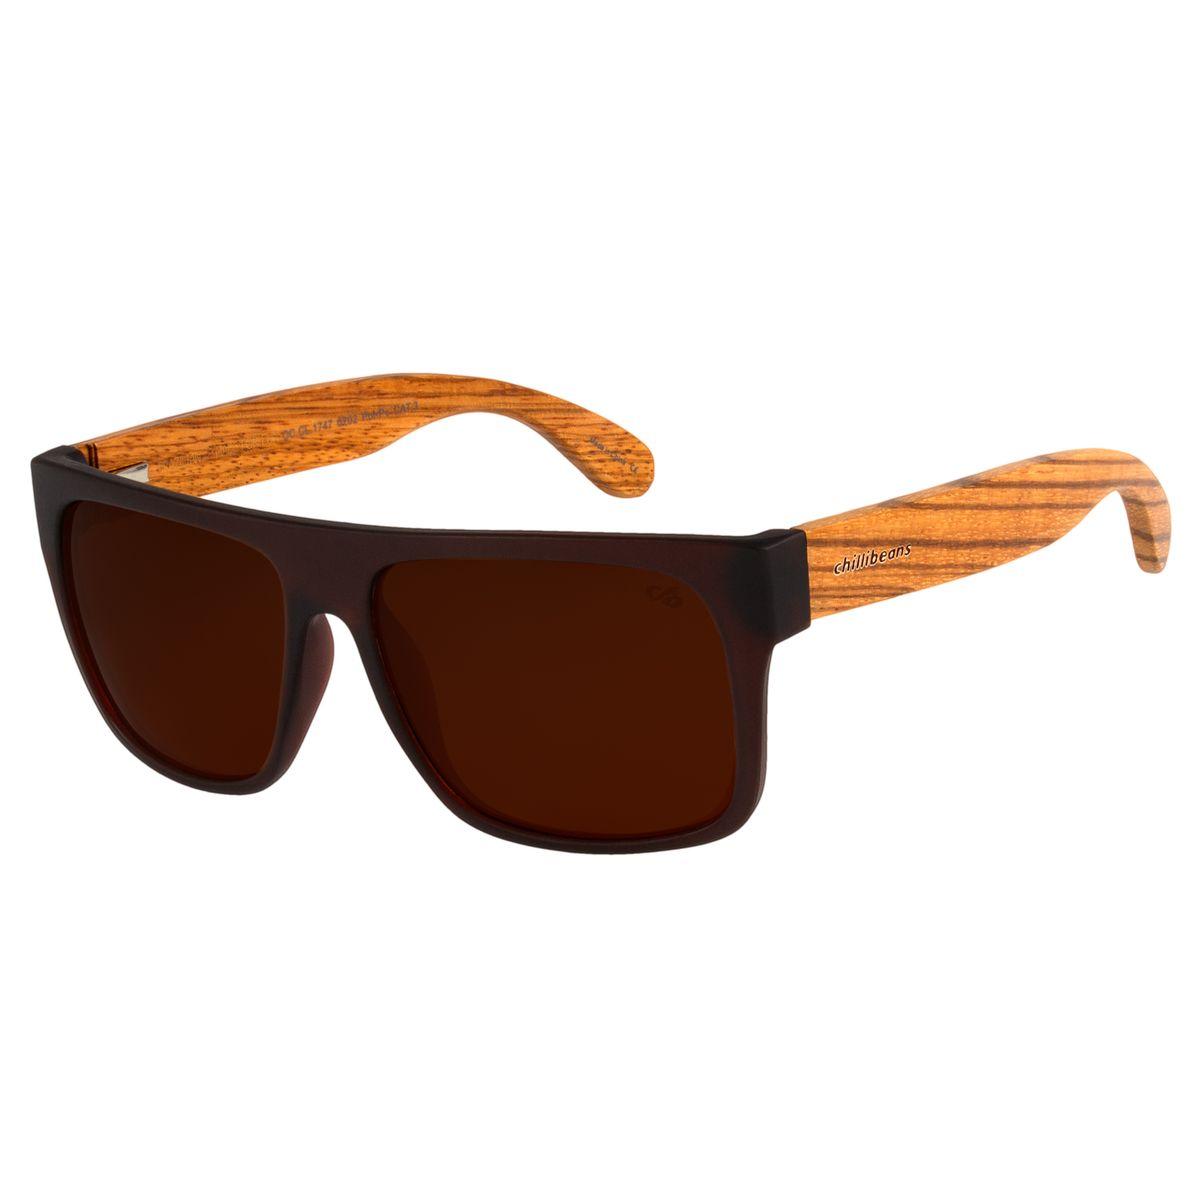 2970f0a10ce1f Óculos de Sol Masculino Chilli Beans Haste de Bambu Marrom ...